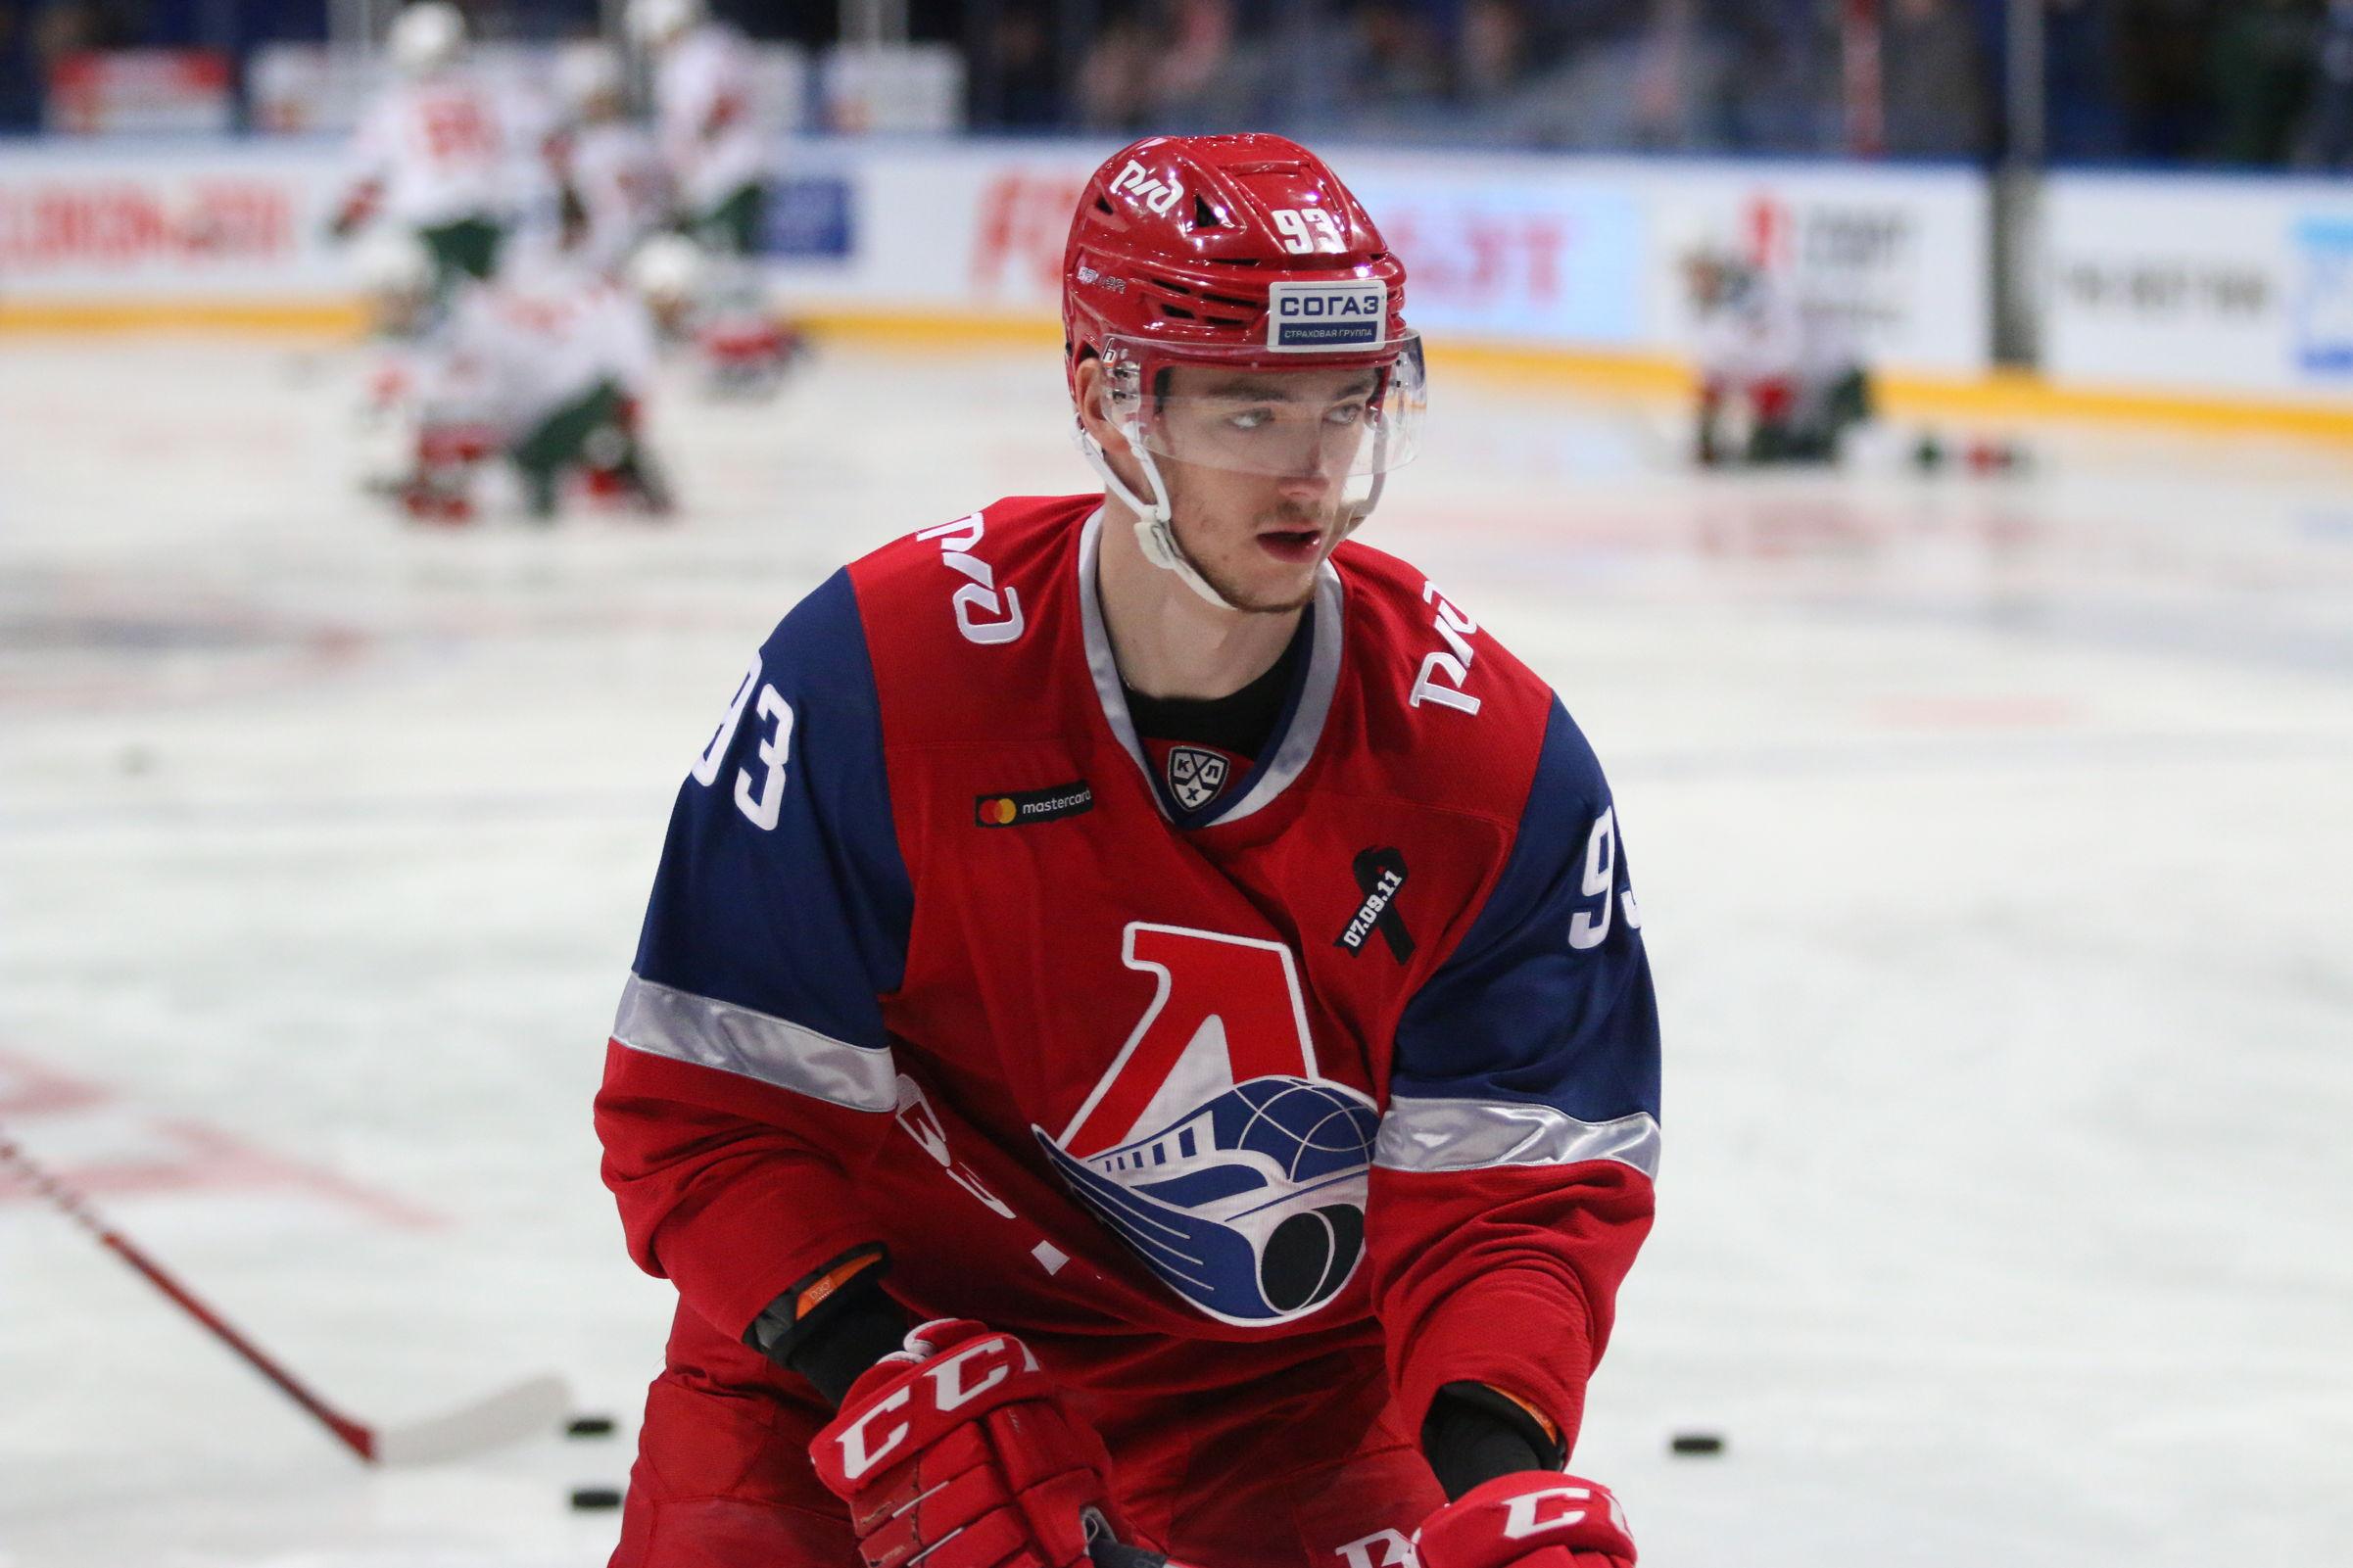 Молодой защитник «Локомотива» признан лучшим новичком недели в КХЛ